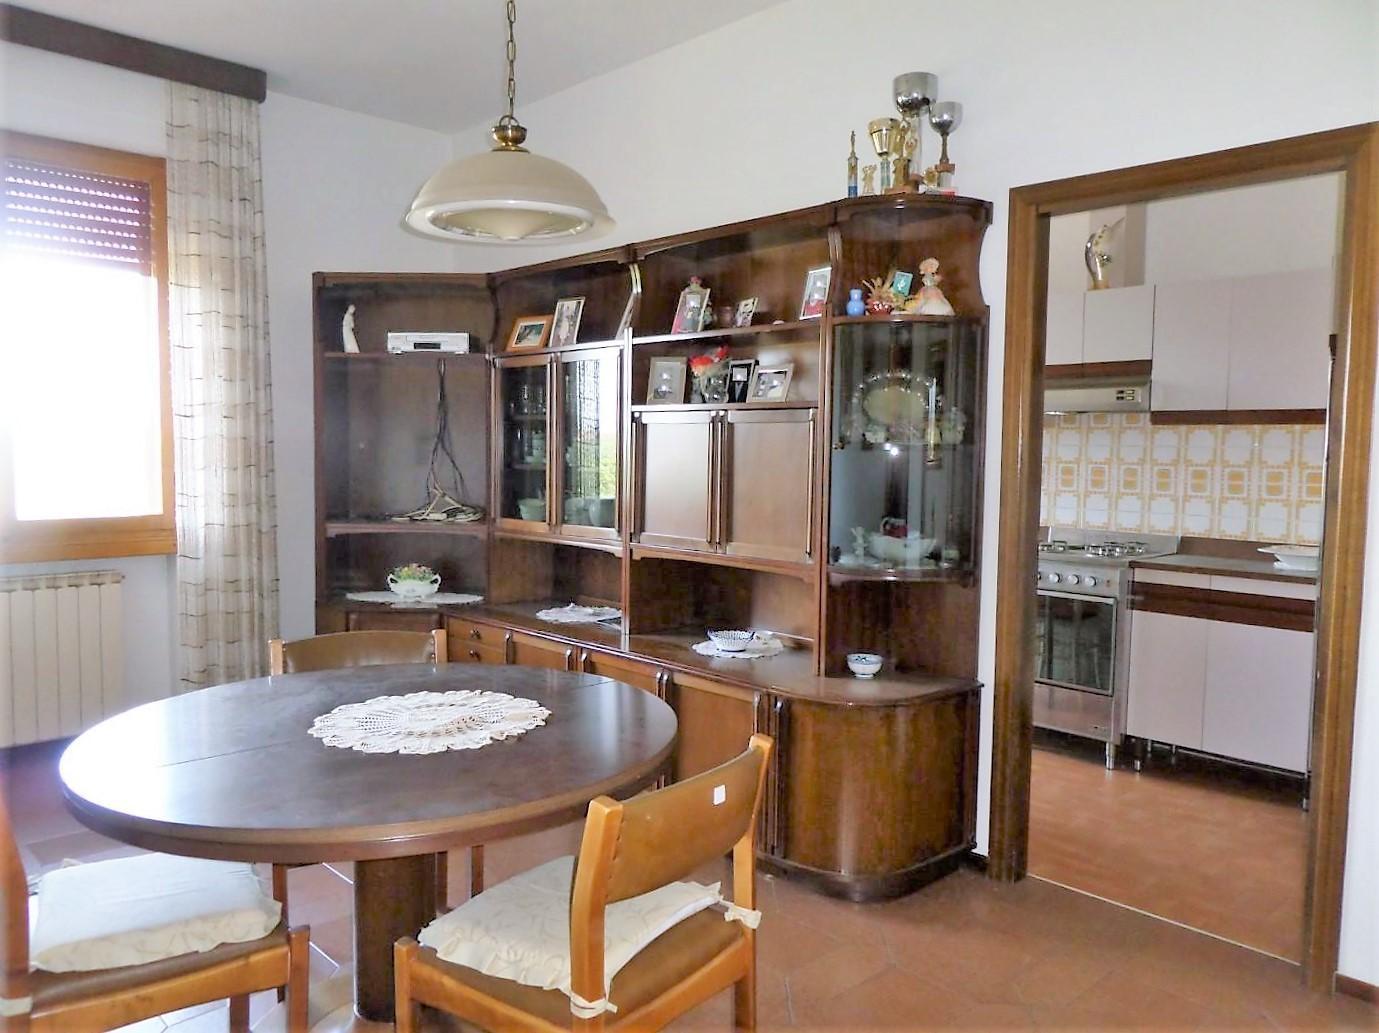 Appartamento in vendita a Santa Croce sull'Arno, 6 locali, prezzo € 200.000 | PortaleAgenzieImmobiliari.it